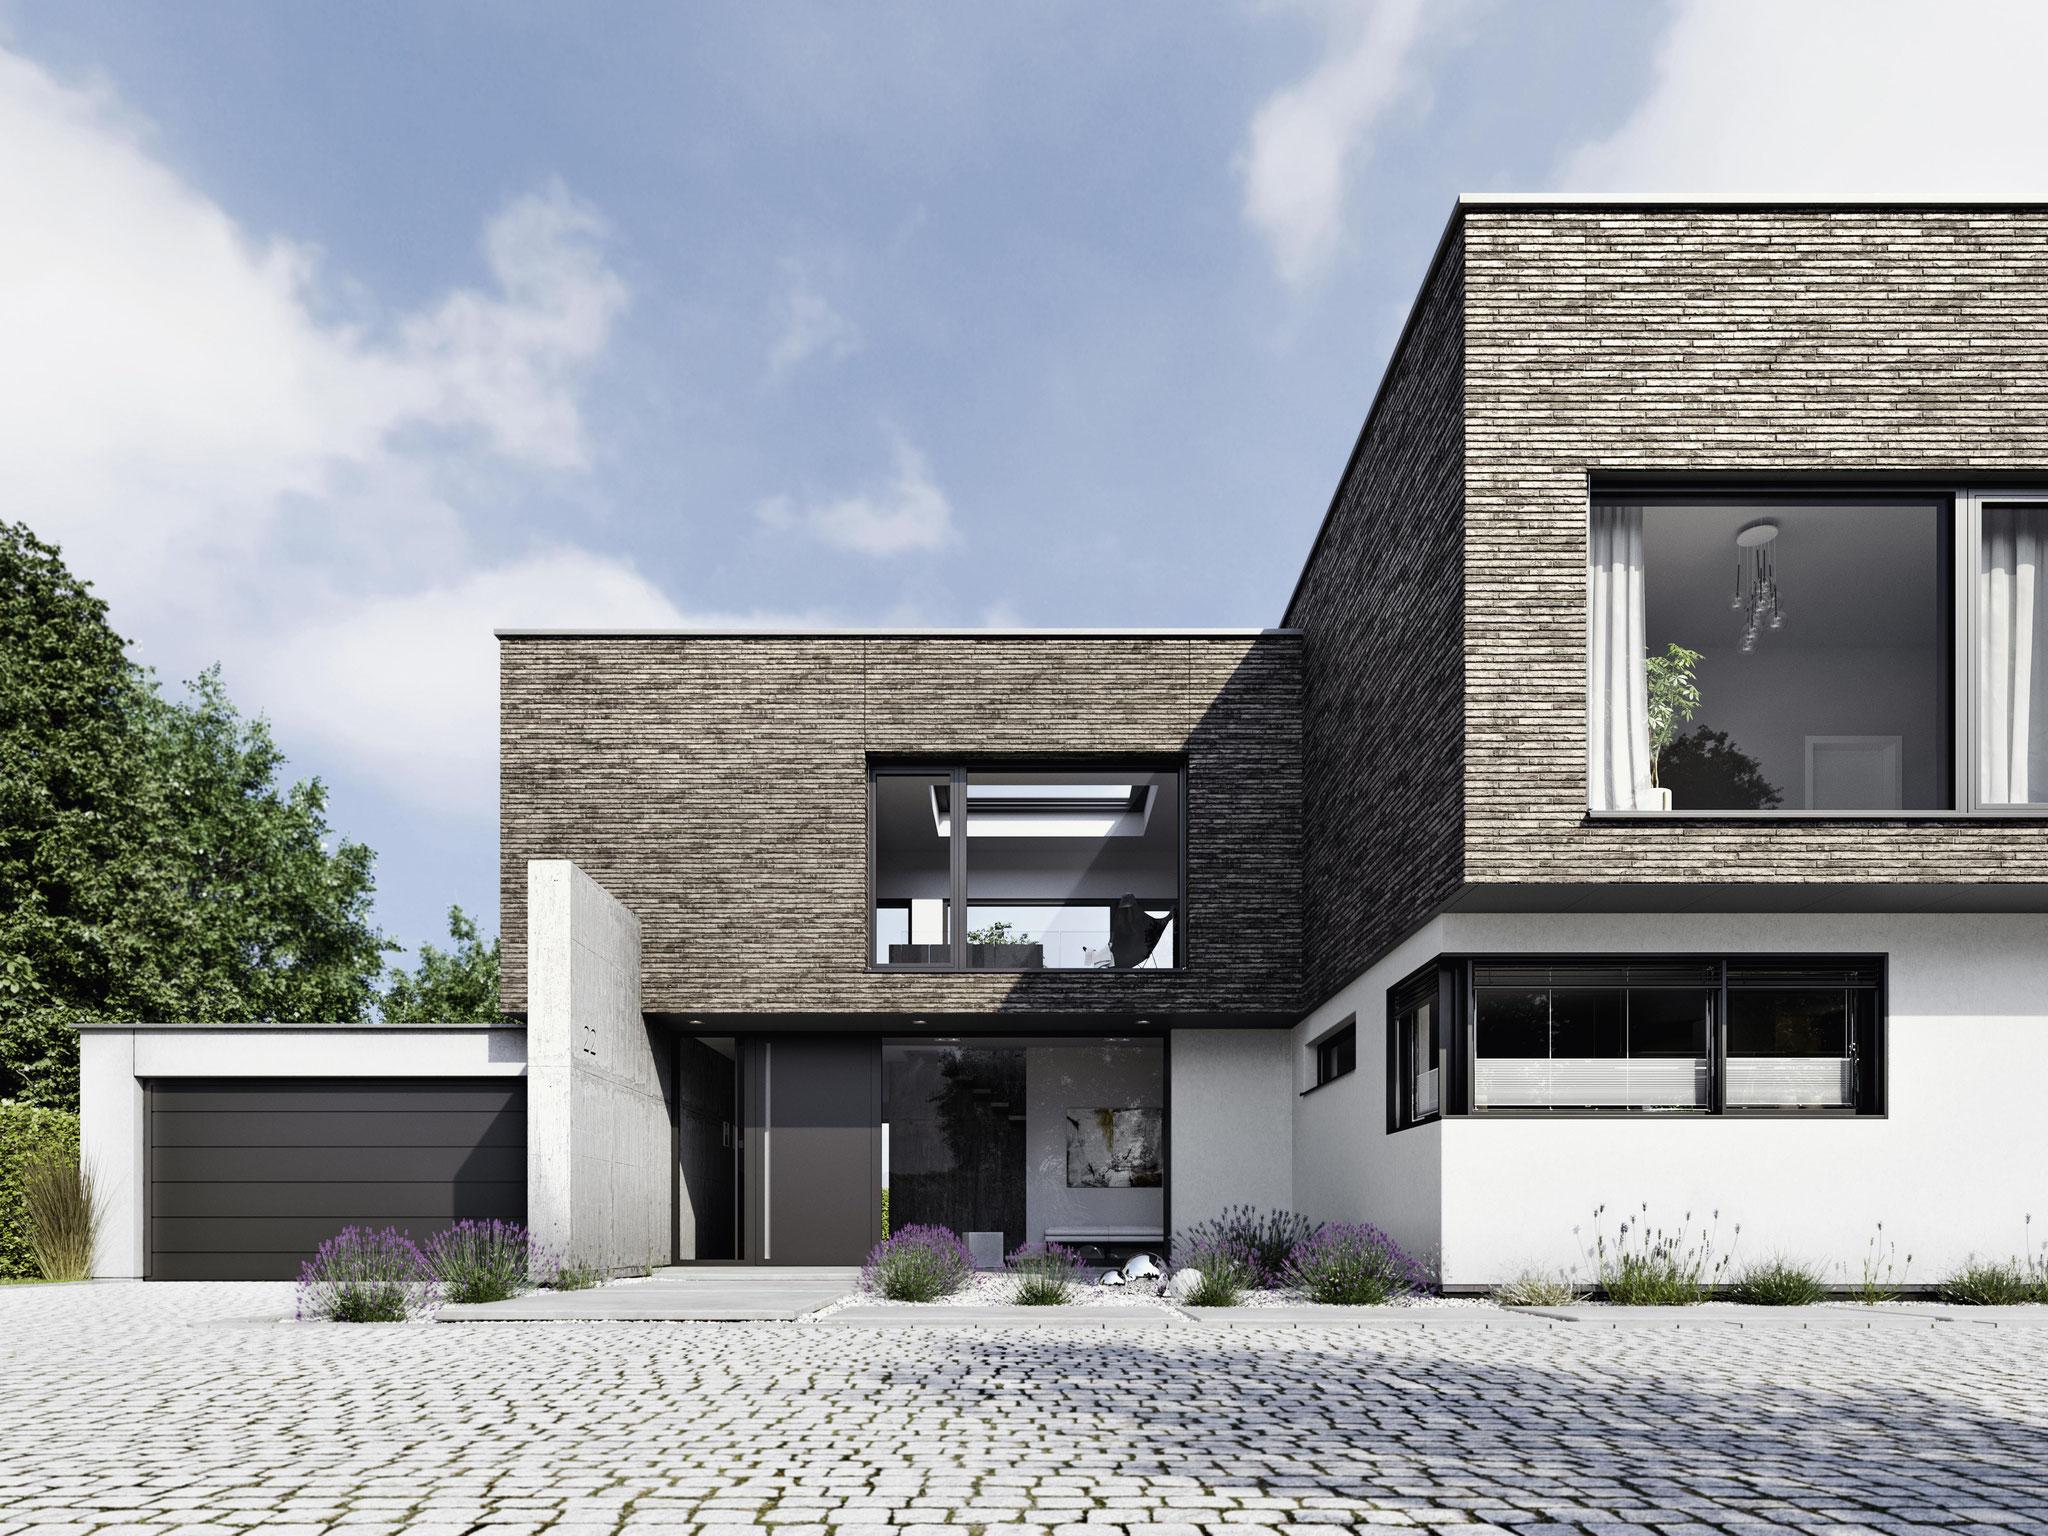 Schüco Aluminium Haustüren günstig Online kaufen